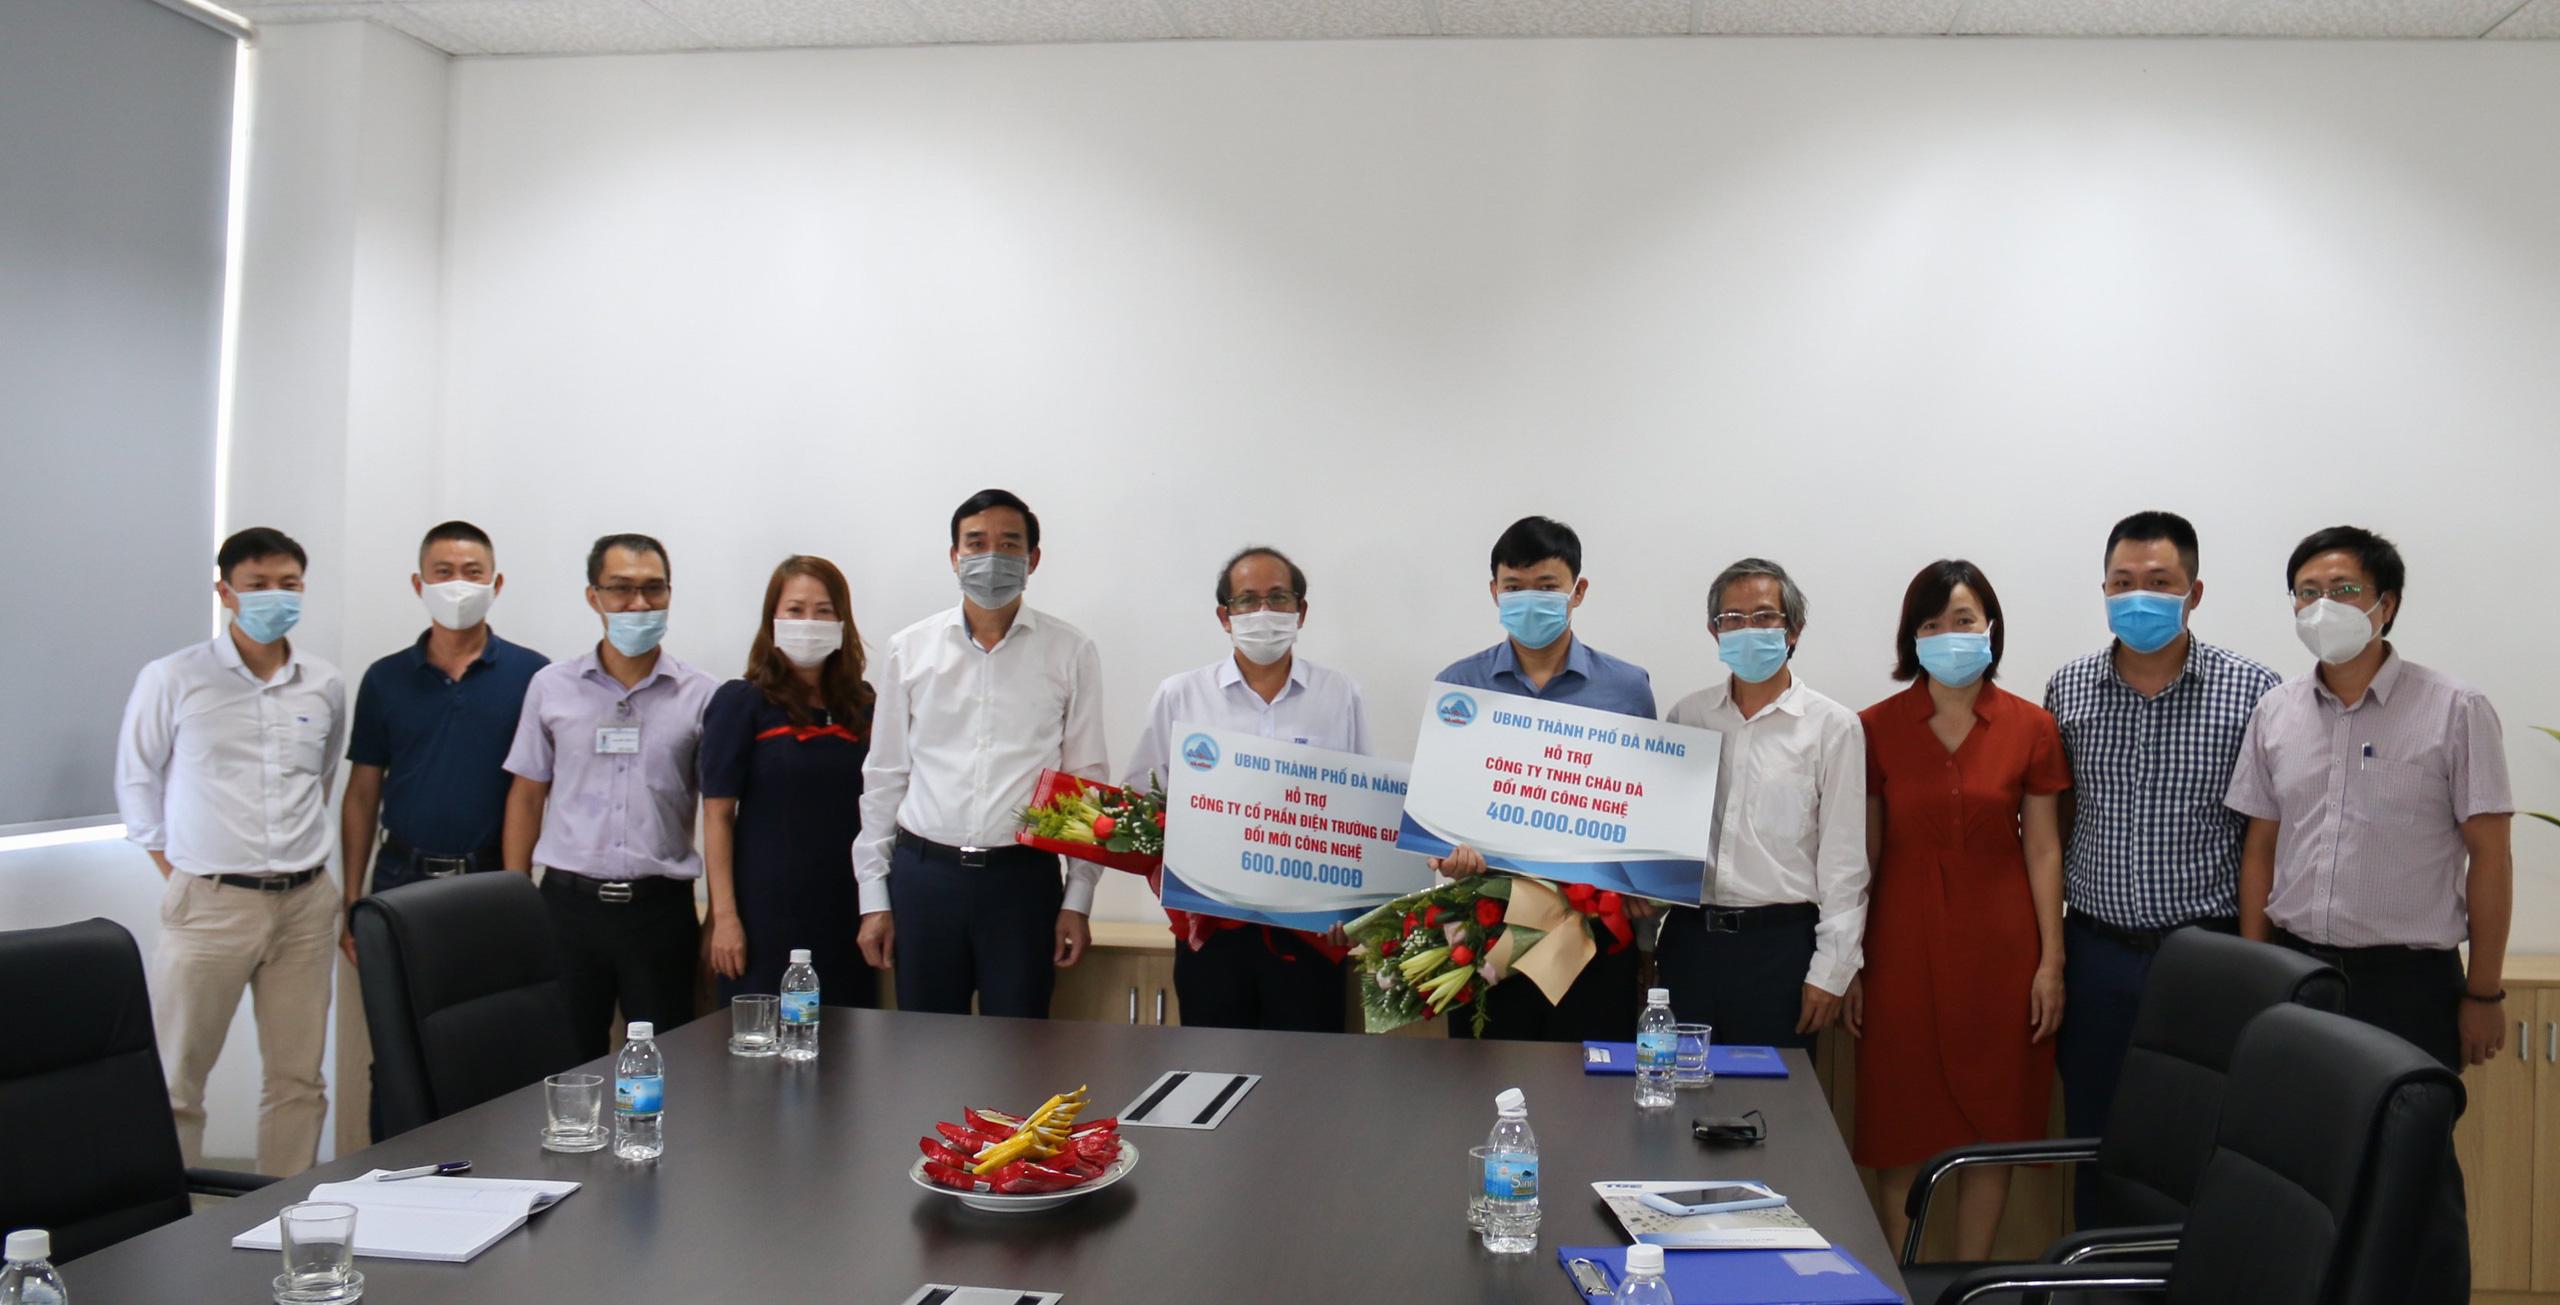 Doanh nghiệp Khoa học và Công nghệ Đà Nẵng không ngừng phát triển - Ảnh 4.